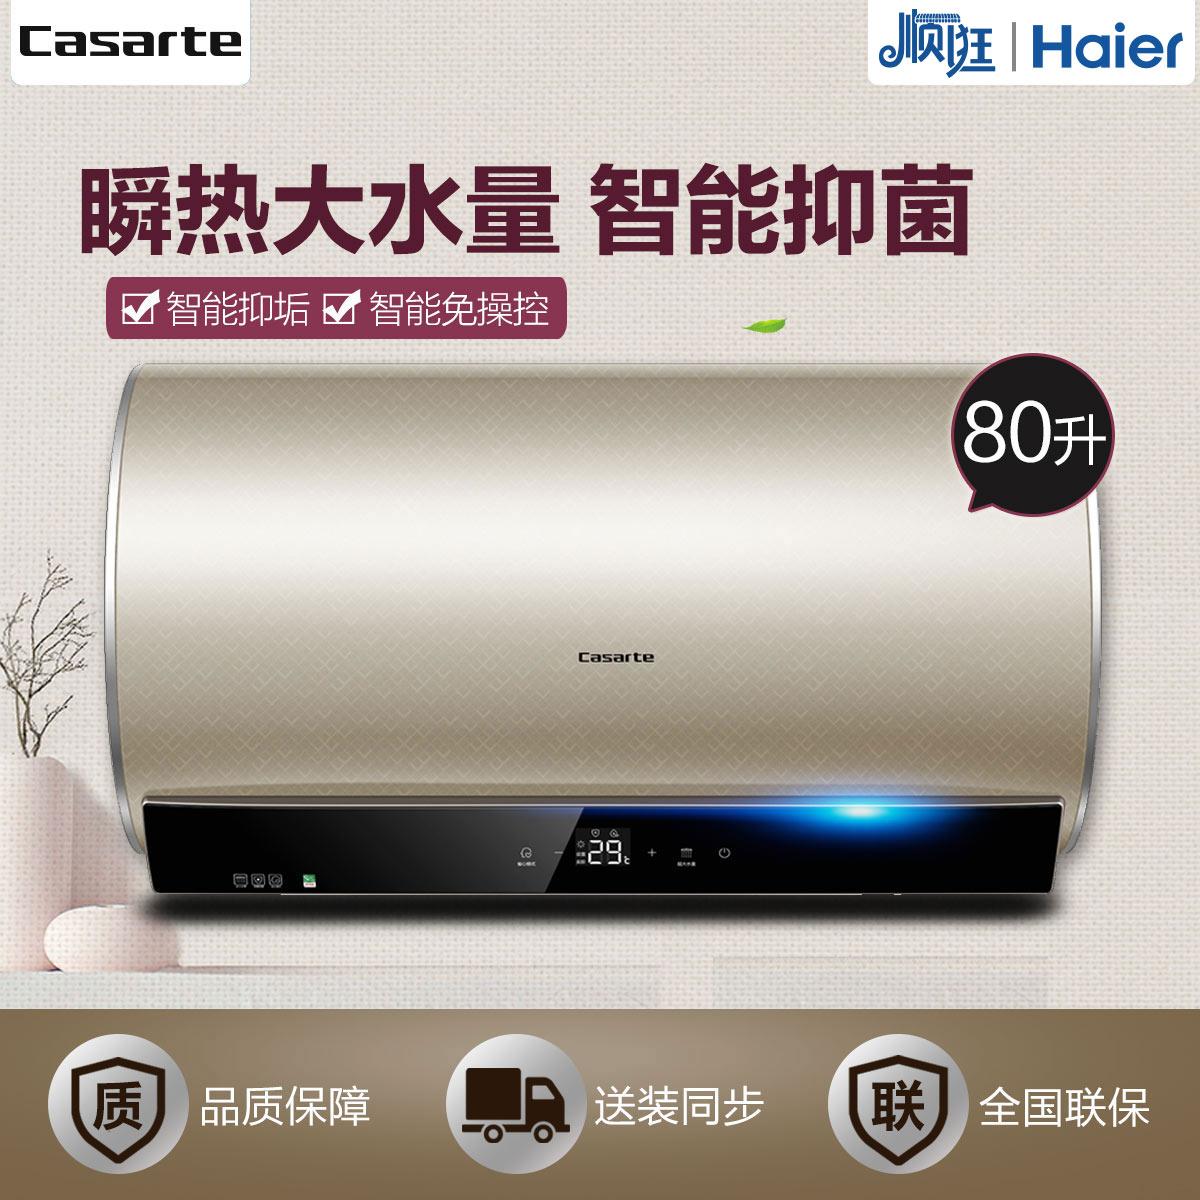 Casarte/卡萨帝             热水器             CEH-80V